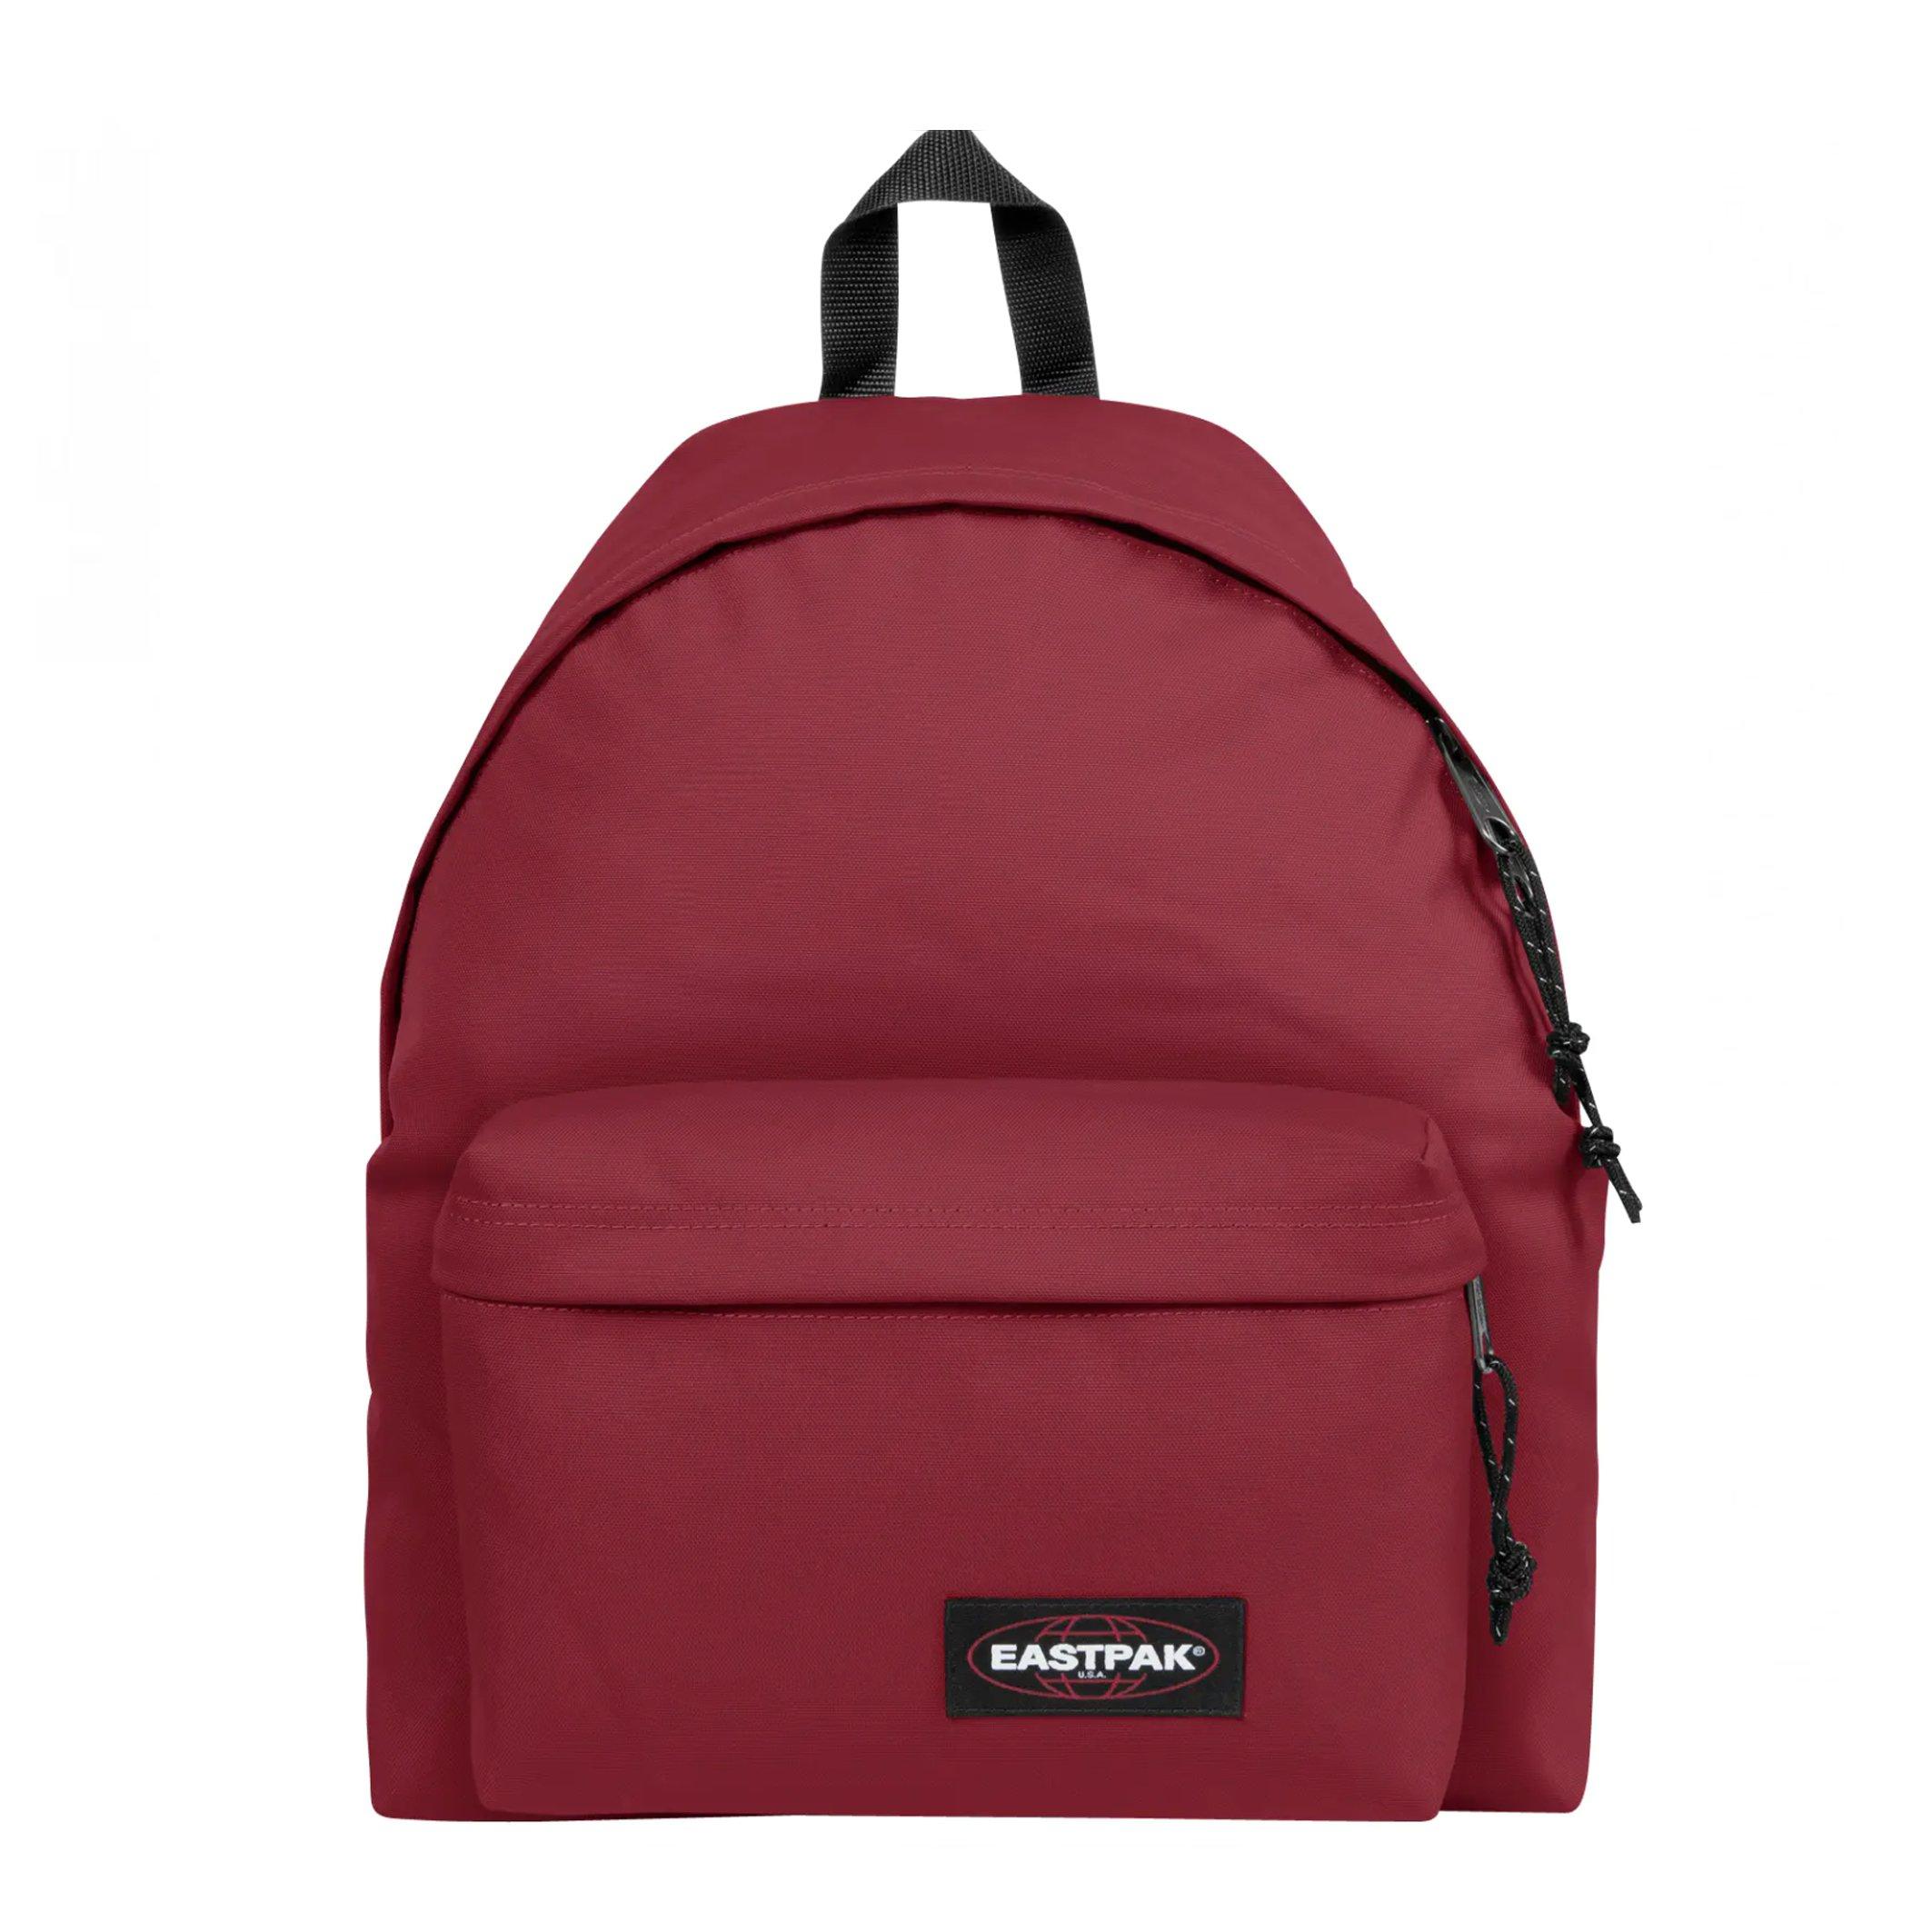 Eastpak Unisex Backpack Various Colours EK000620_008 - red NOSIZE